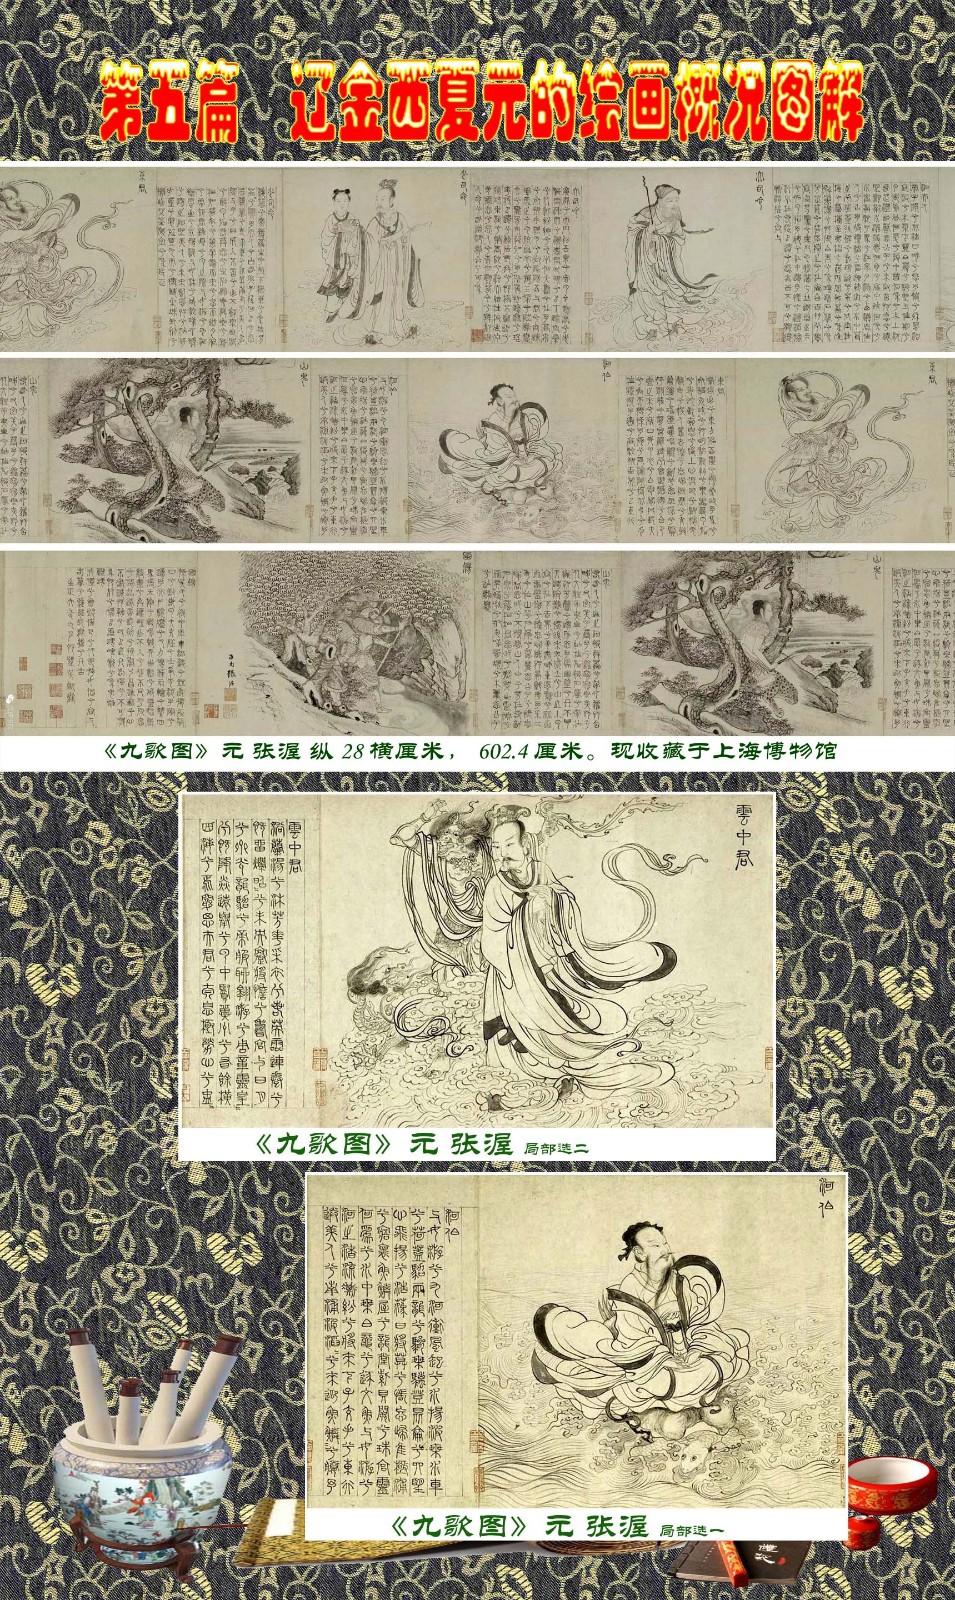 顾绍骅编辑 中国画知识普及版 第五篇 辽金西夏元的绘画概况 下 ... ..._图1-24